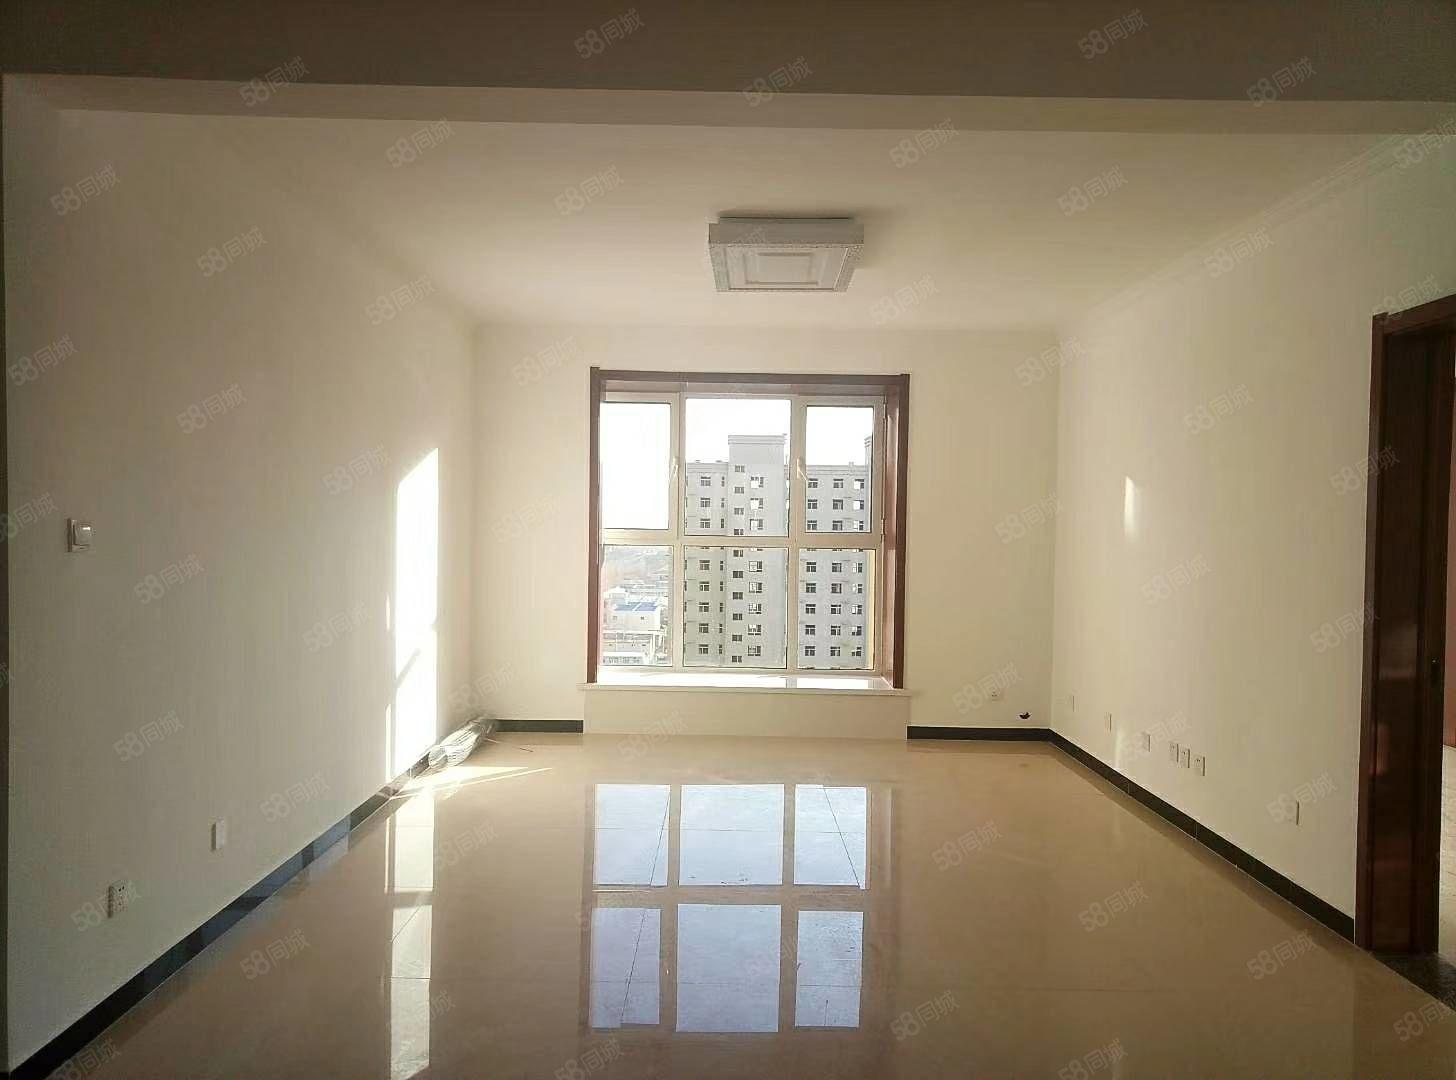 京港国际大三居精装修老本一层带带小院紧邻新发地